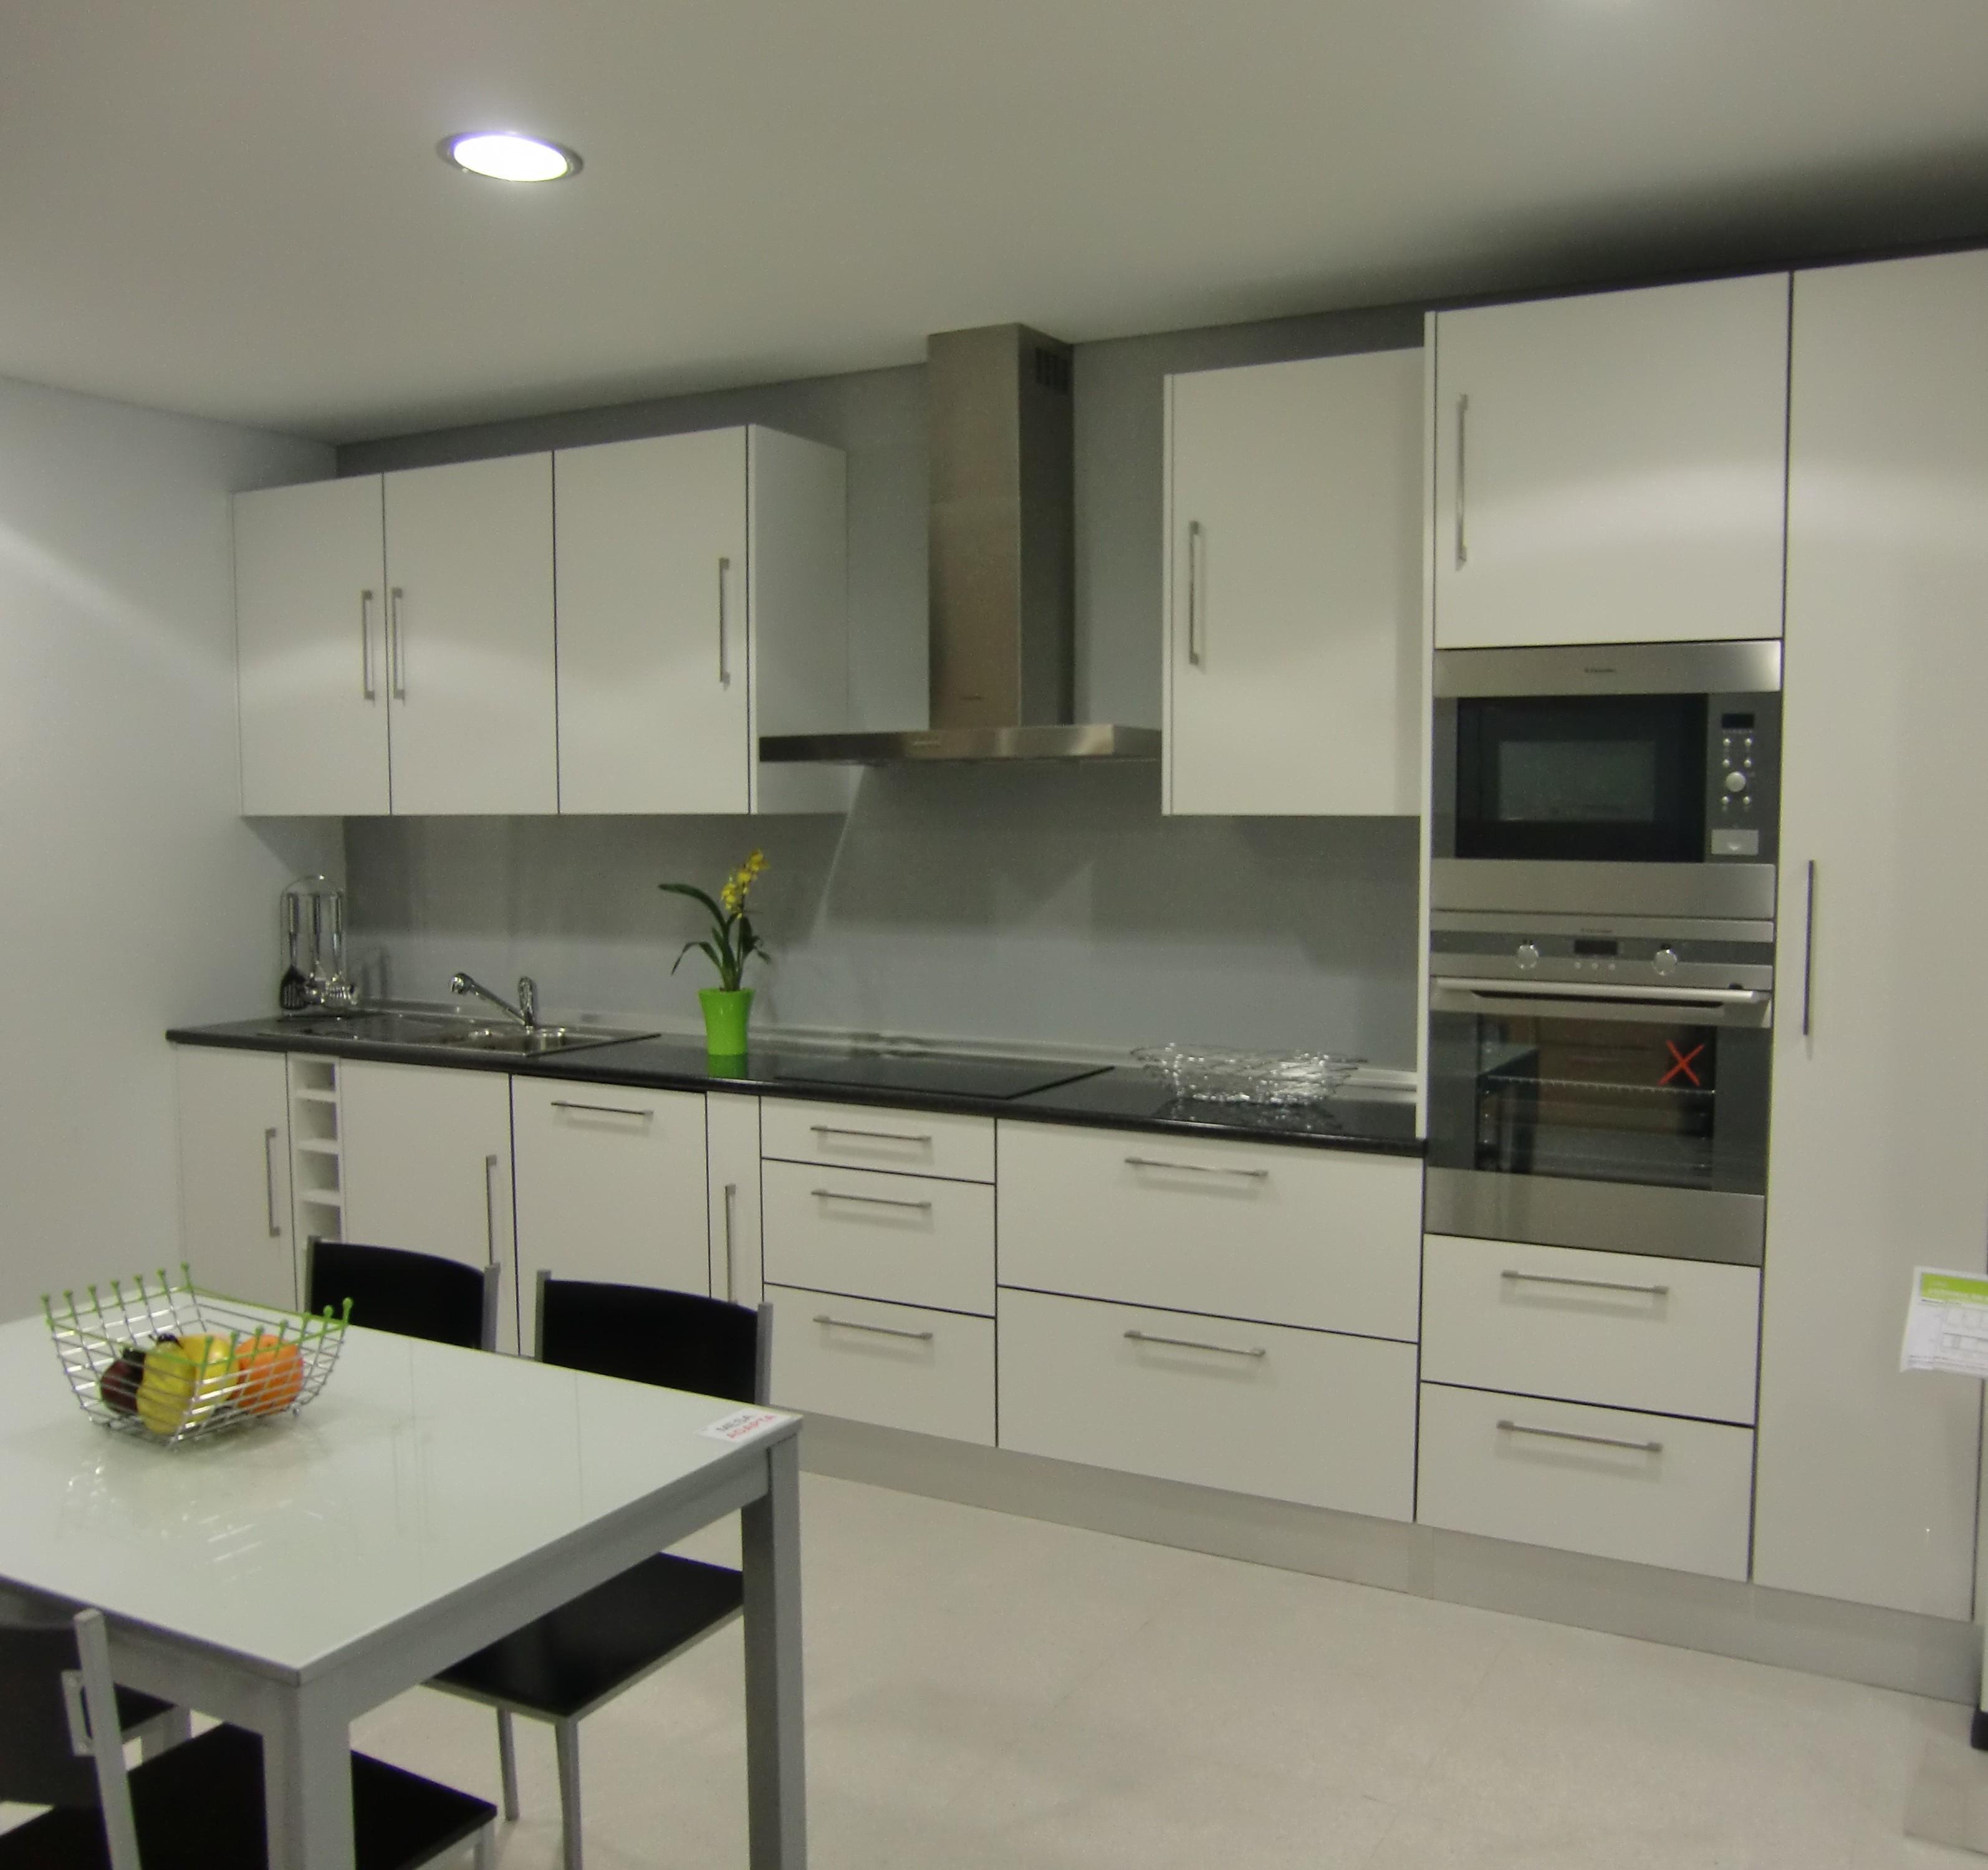 Cozinha Melamina Branco 0 00